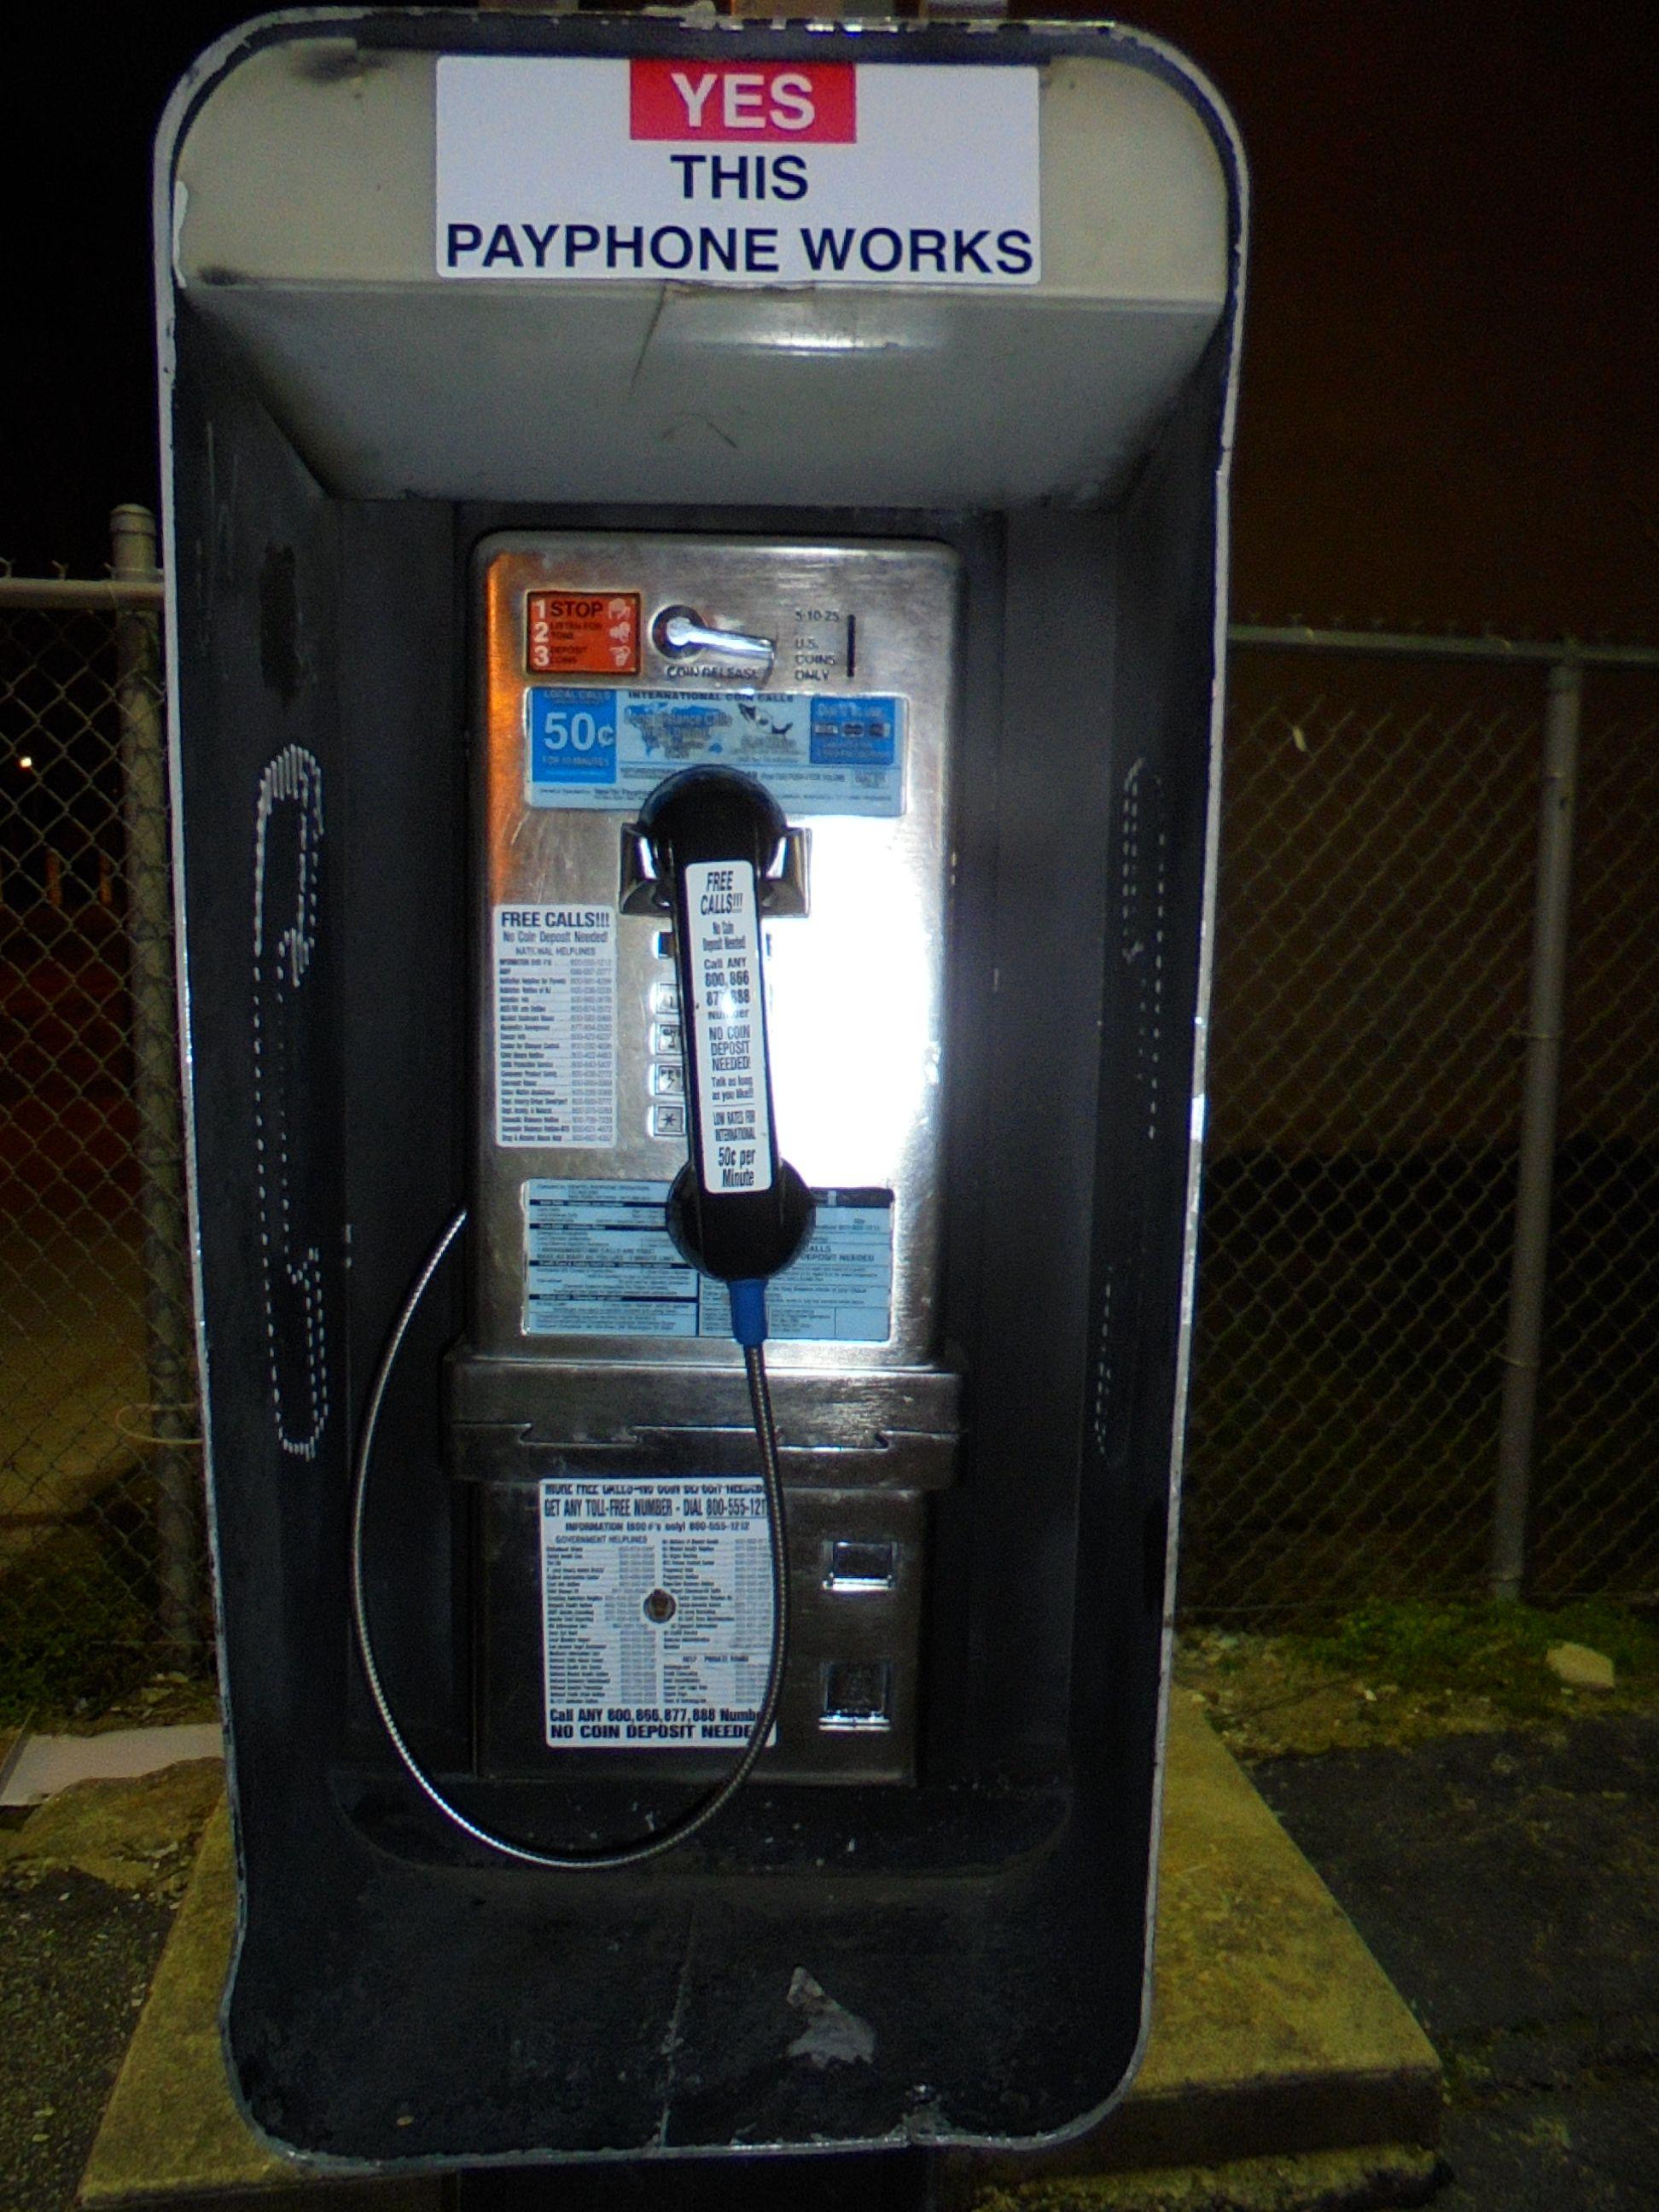 #funnyacting #payphone in #GermantownPhilly - www.drewrynewsnetwork.com